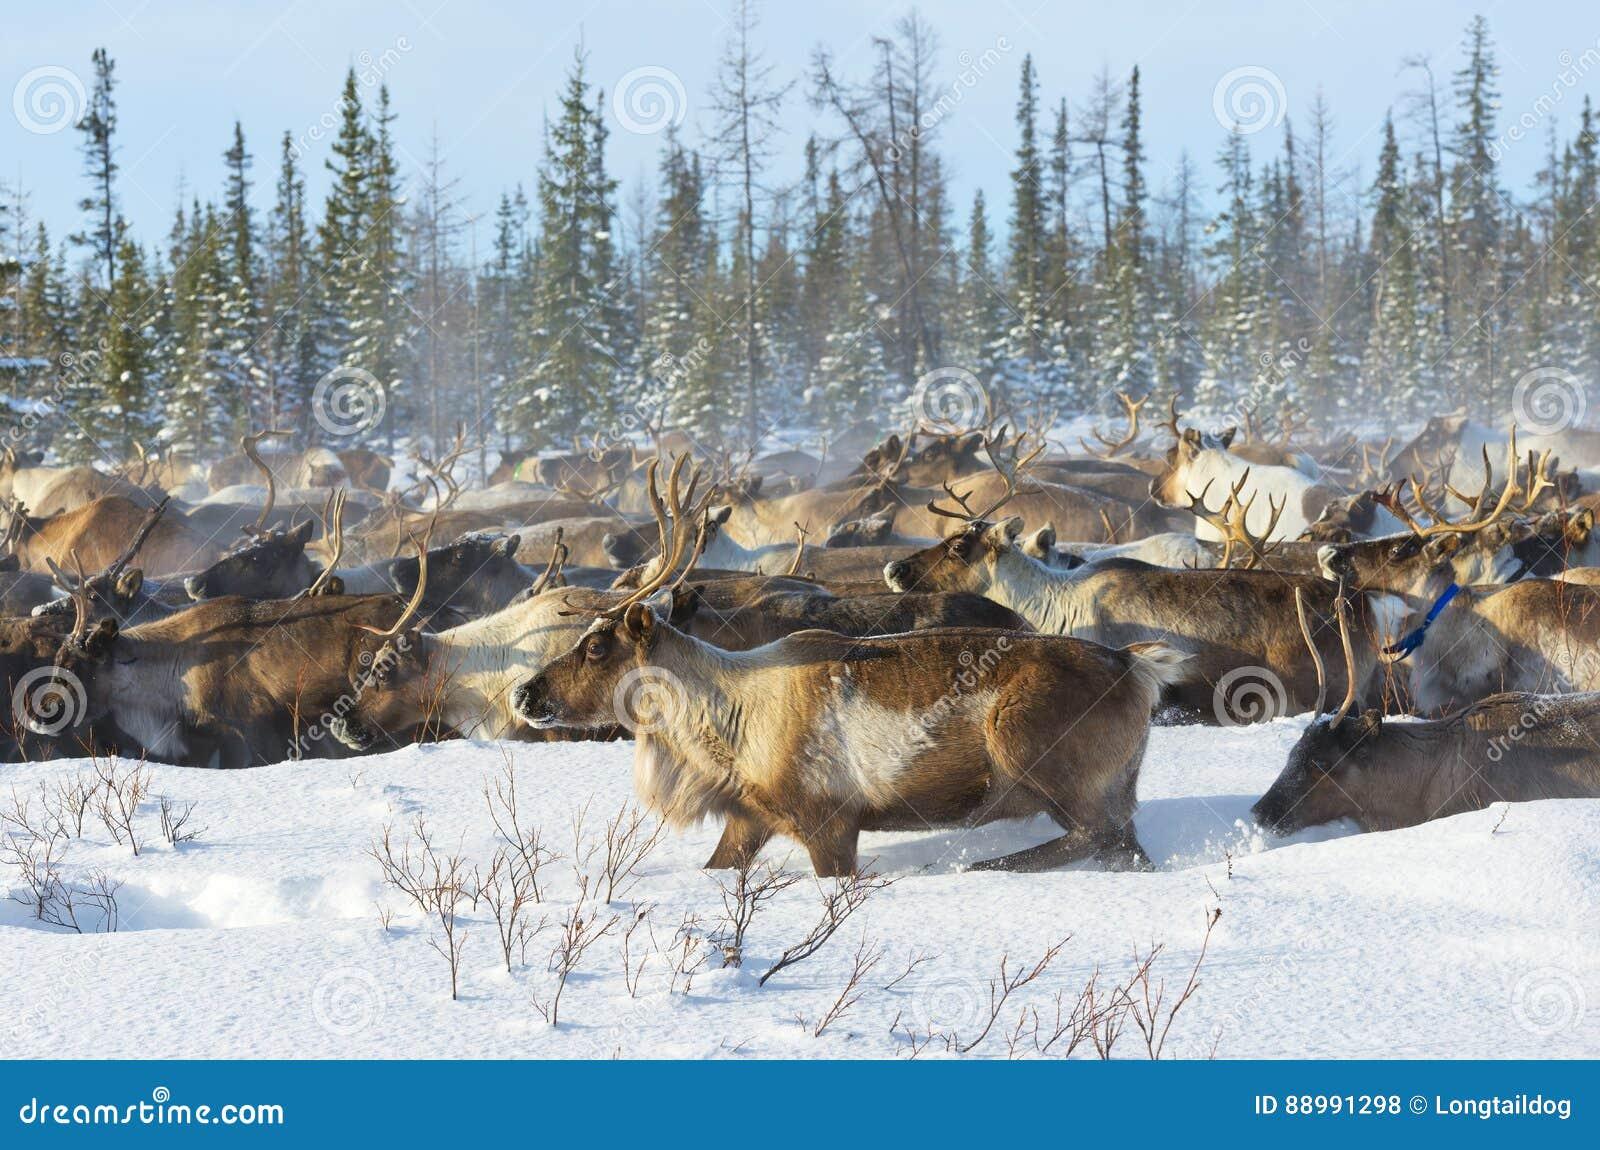 驯鹿在寒带草原移居